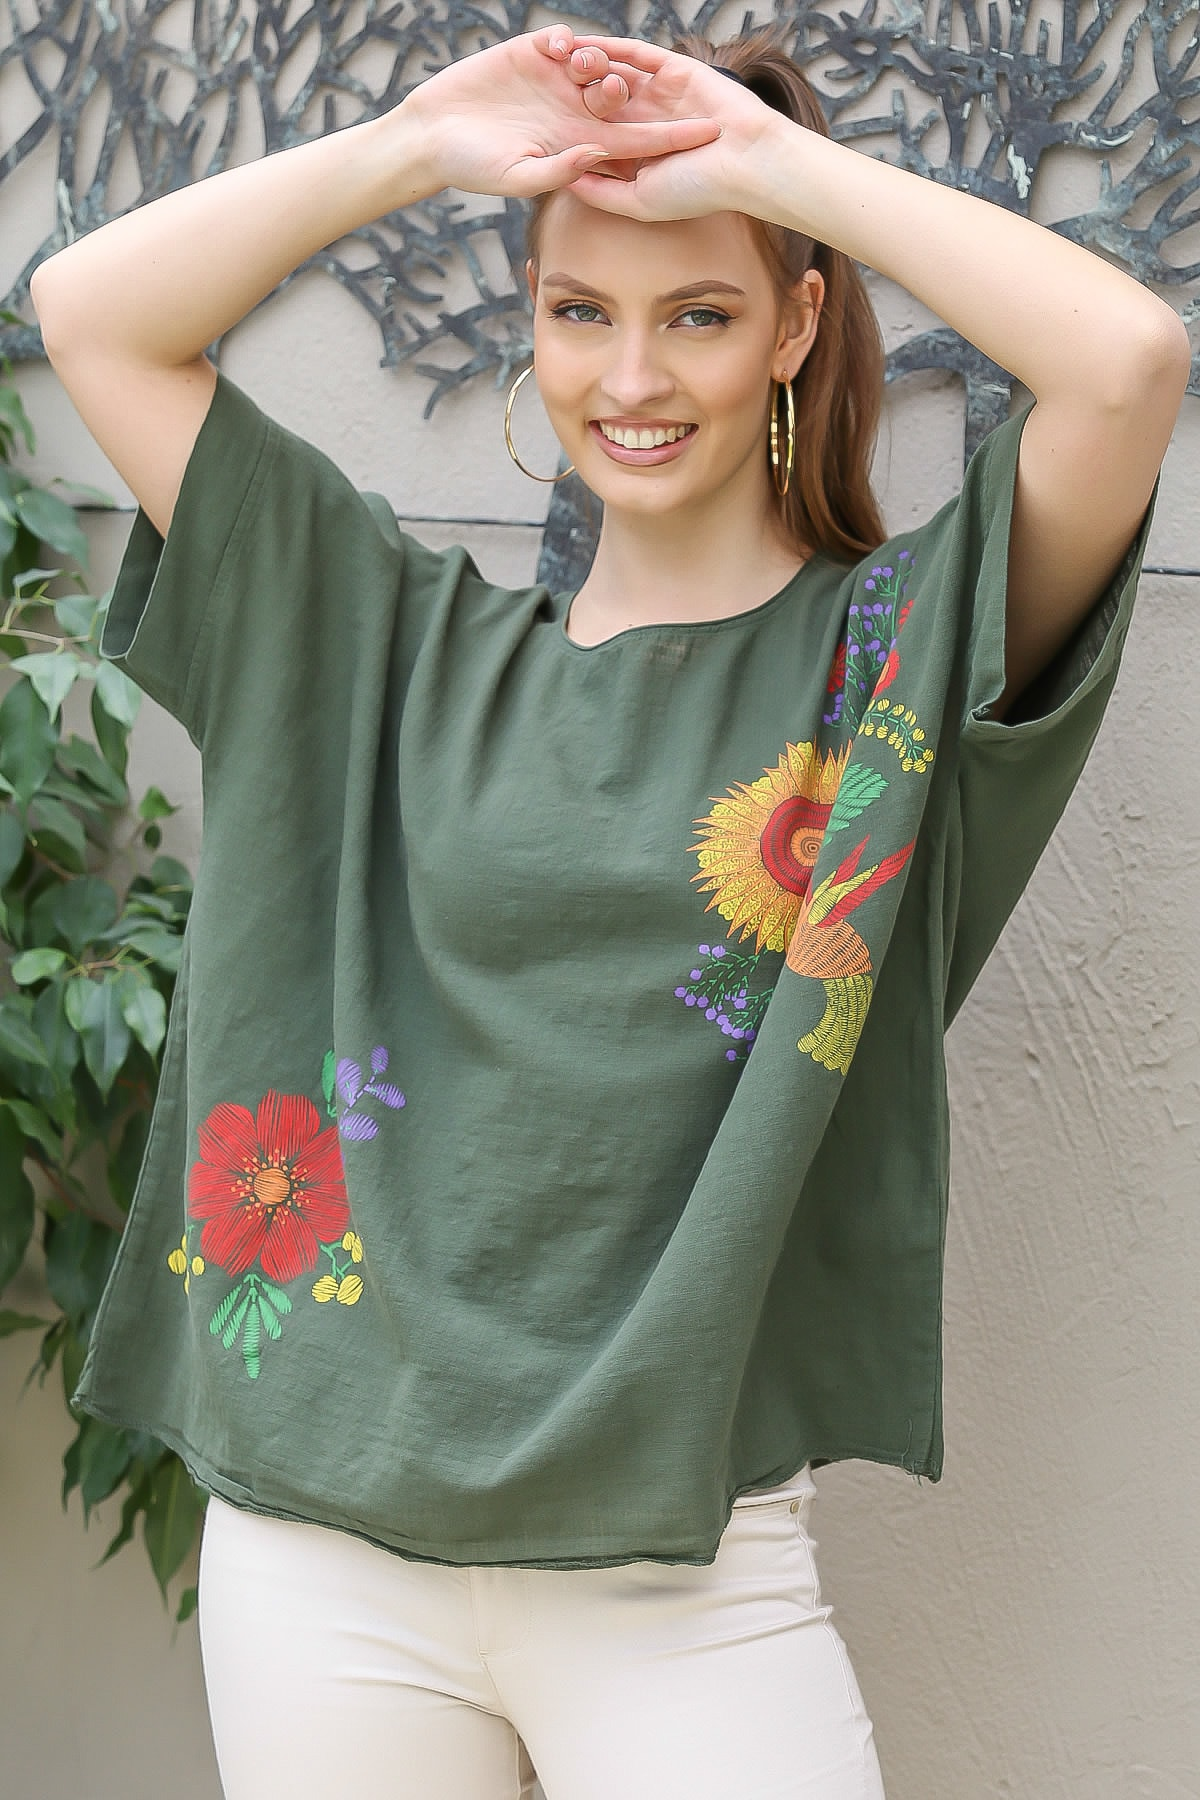 Chiccy Kadın Haki Sıfır Yaka Günebakan Çiçek Desenli Salaş Dokuma Bluz M10010200BL95412 1